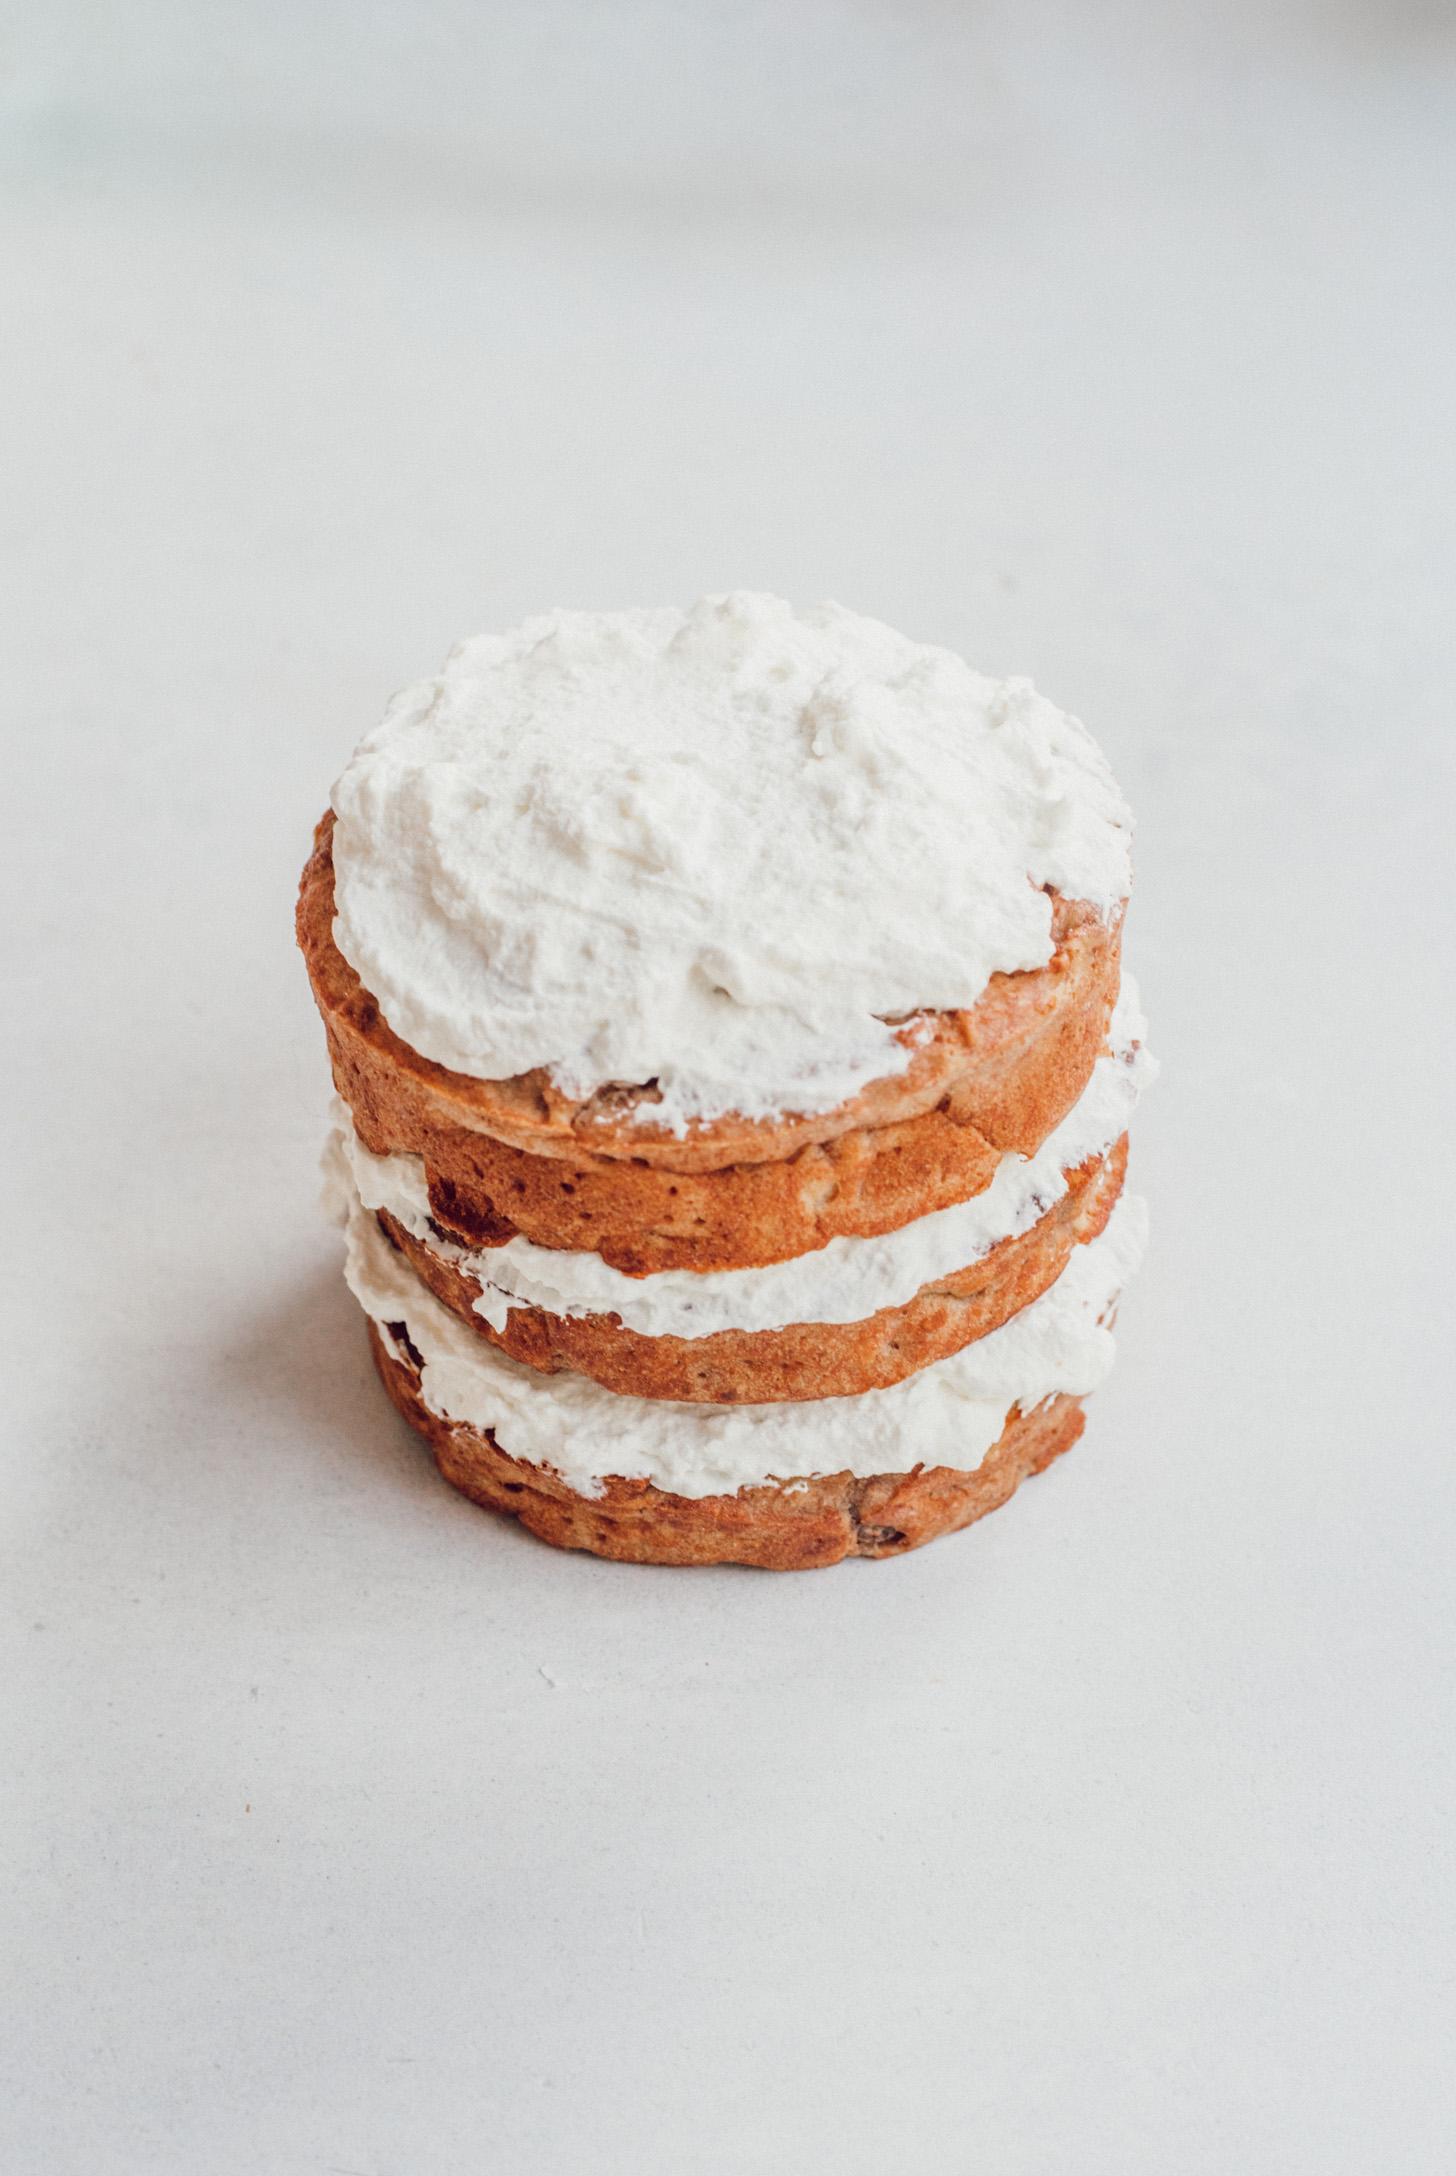 verjaardagstaart zonder suikers